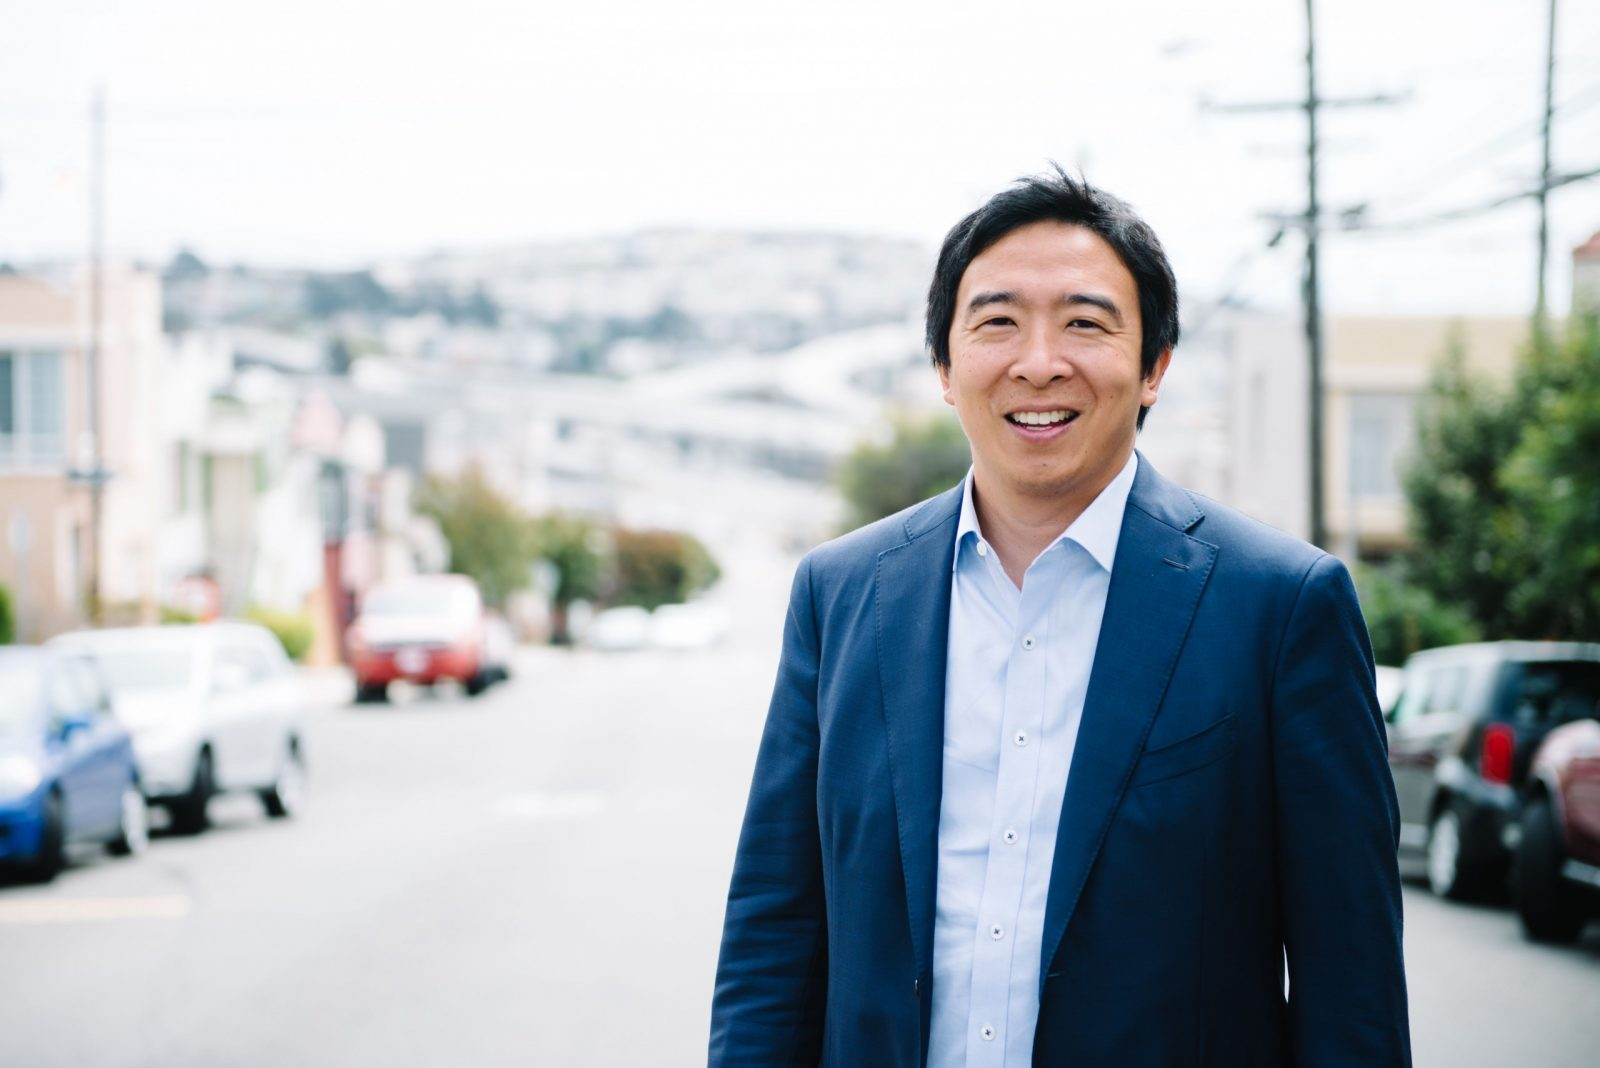 Andrew Yang_CAA Speakers_Headshot